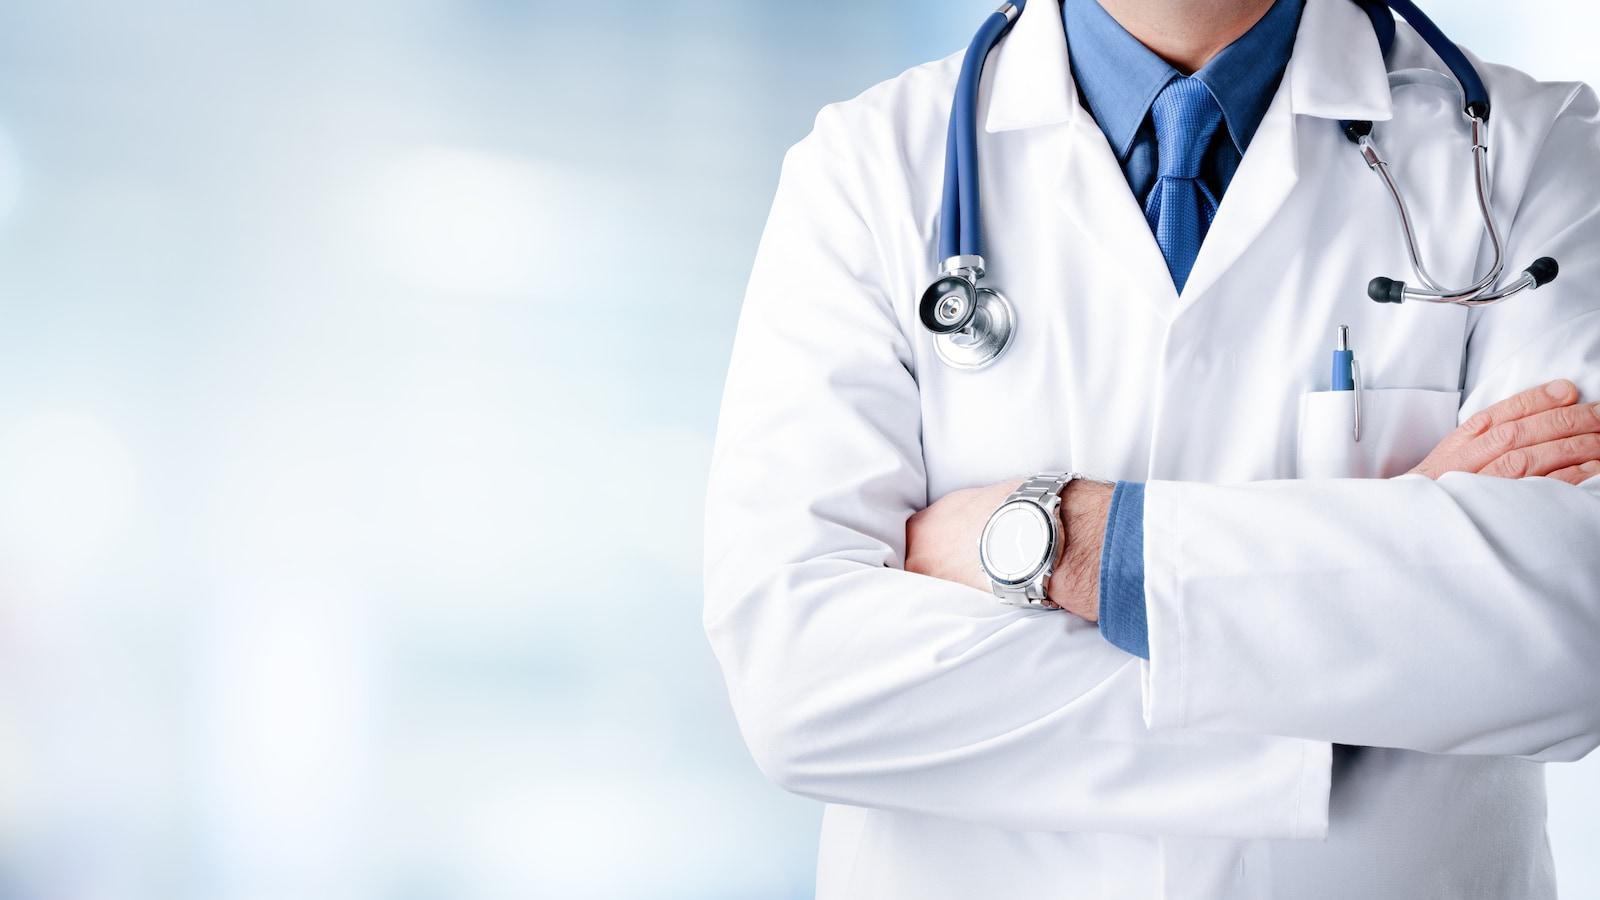 Tunisie-Censure médiatique: L'Ordre des médecins se place du côté de la liberté d'expression